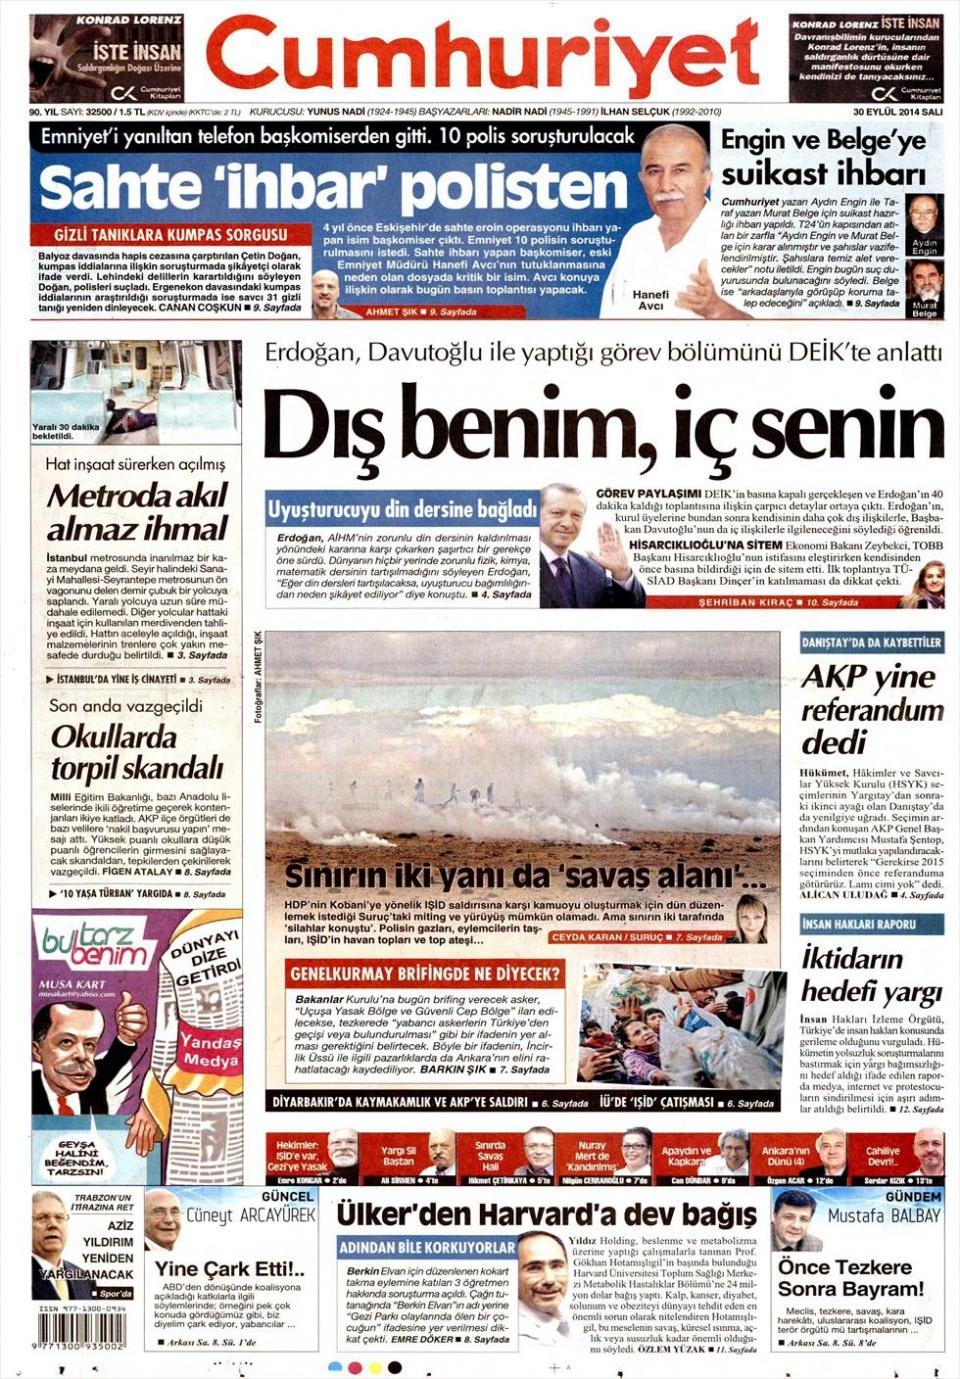 30 Eylül 2014 gazete manşetleri 5